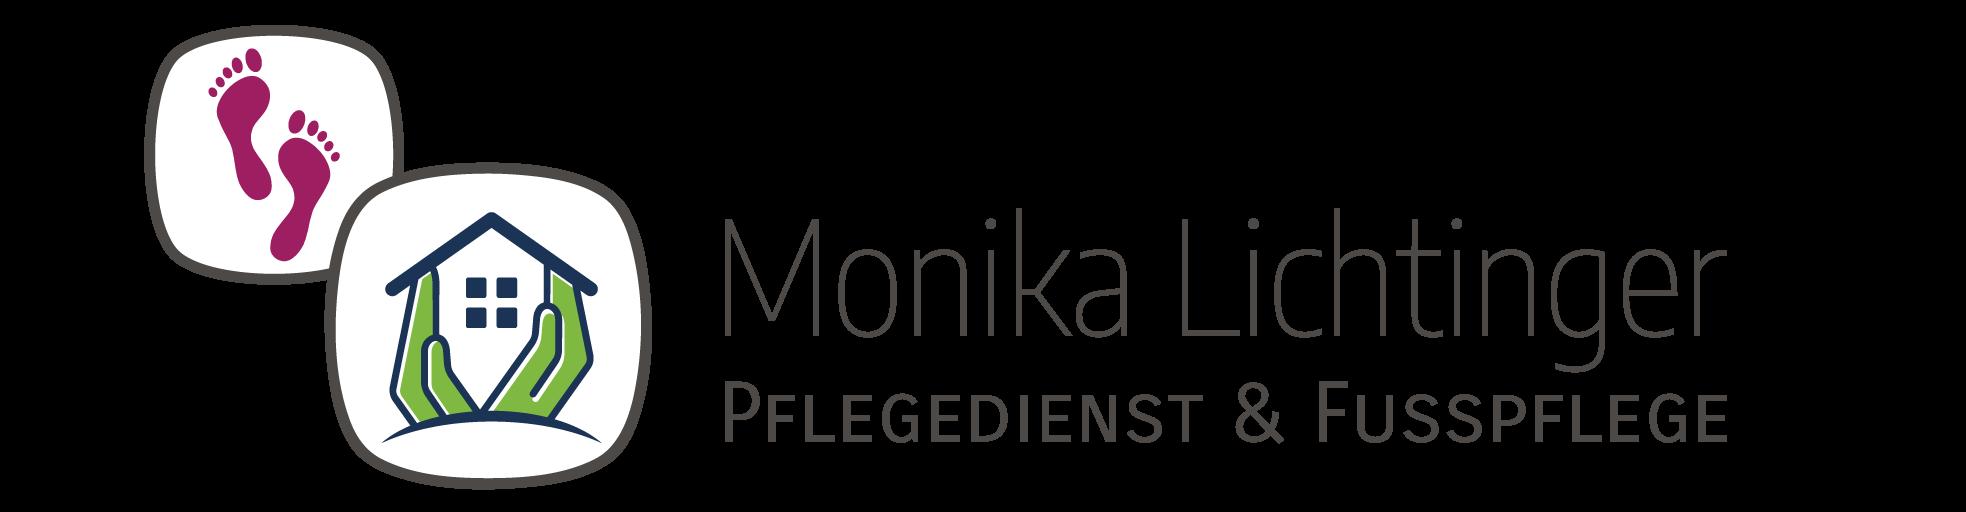 Pflegedienst Eichendorf